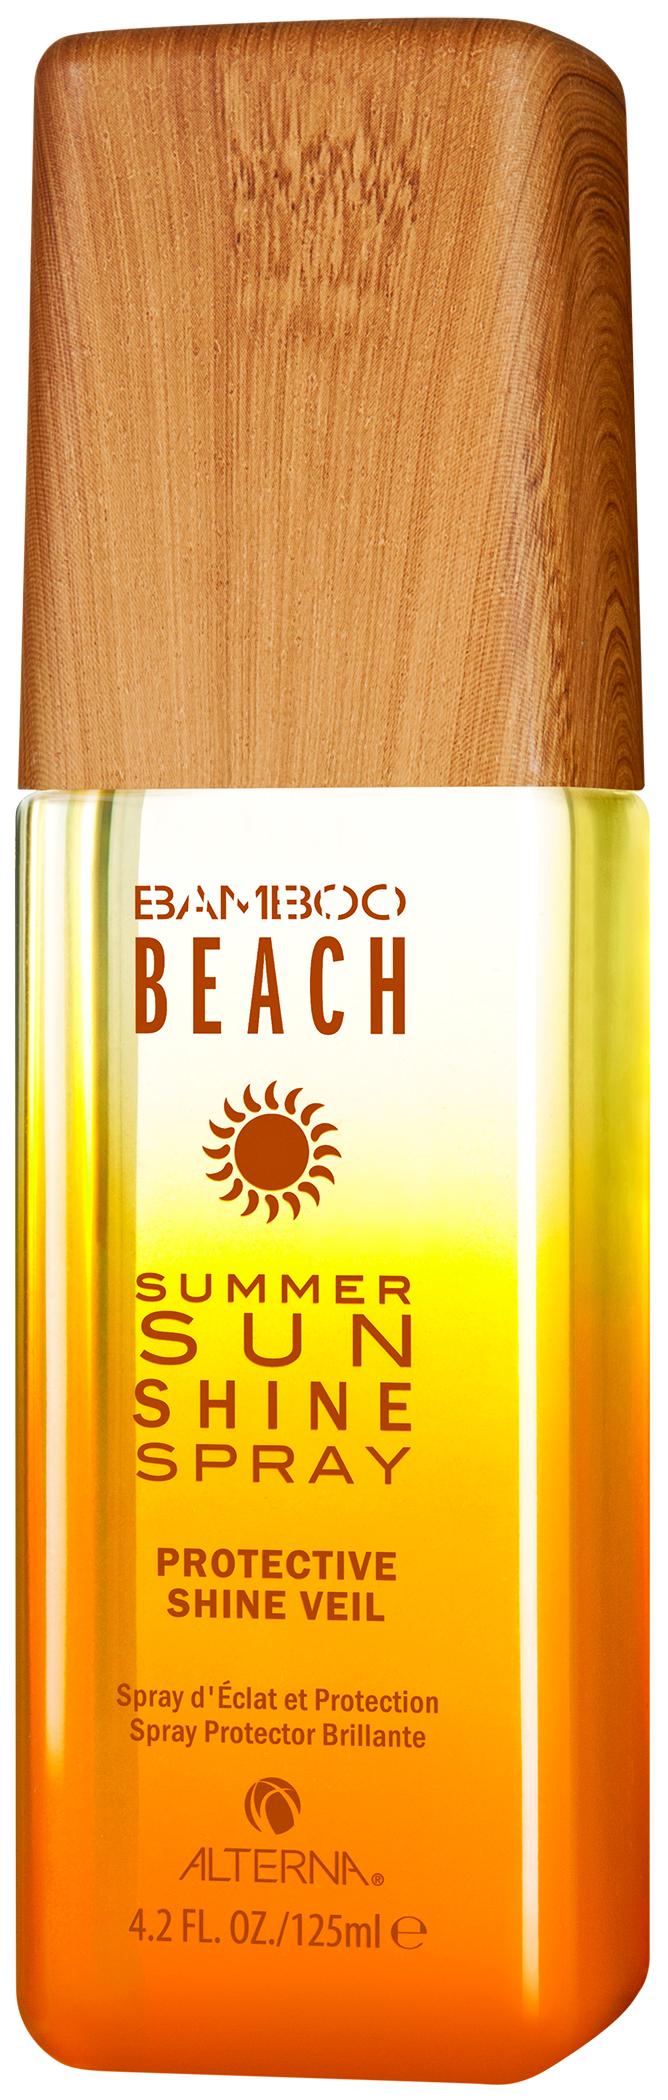 ALTERNA Спрей для блеска / Bamboo Beach Summer Sun Shine Spray 125млСпреи<br>Summer Sun Shine Spray Спрей для блеска: лёгкий спрей, который мгновенно наводит лоск на ваши волосы, придаёт им блестящее сияние и защищает от условий окружающей среды, оказывающих негативное воздействие на волосы в течение лета. Способ применения: распылите равномерно на сухие волосы после укладки.<br><br>Типы волос: Для всех типов